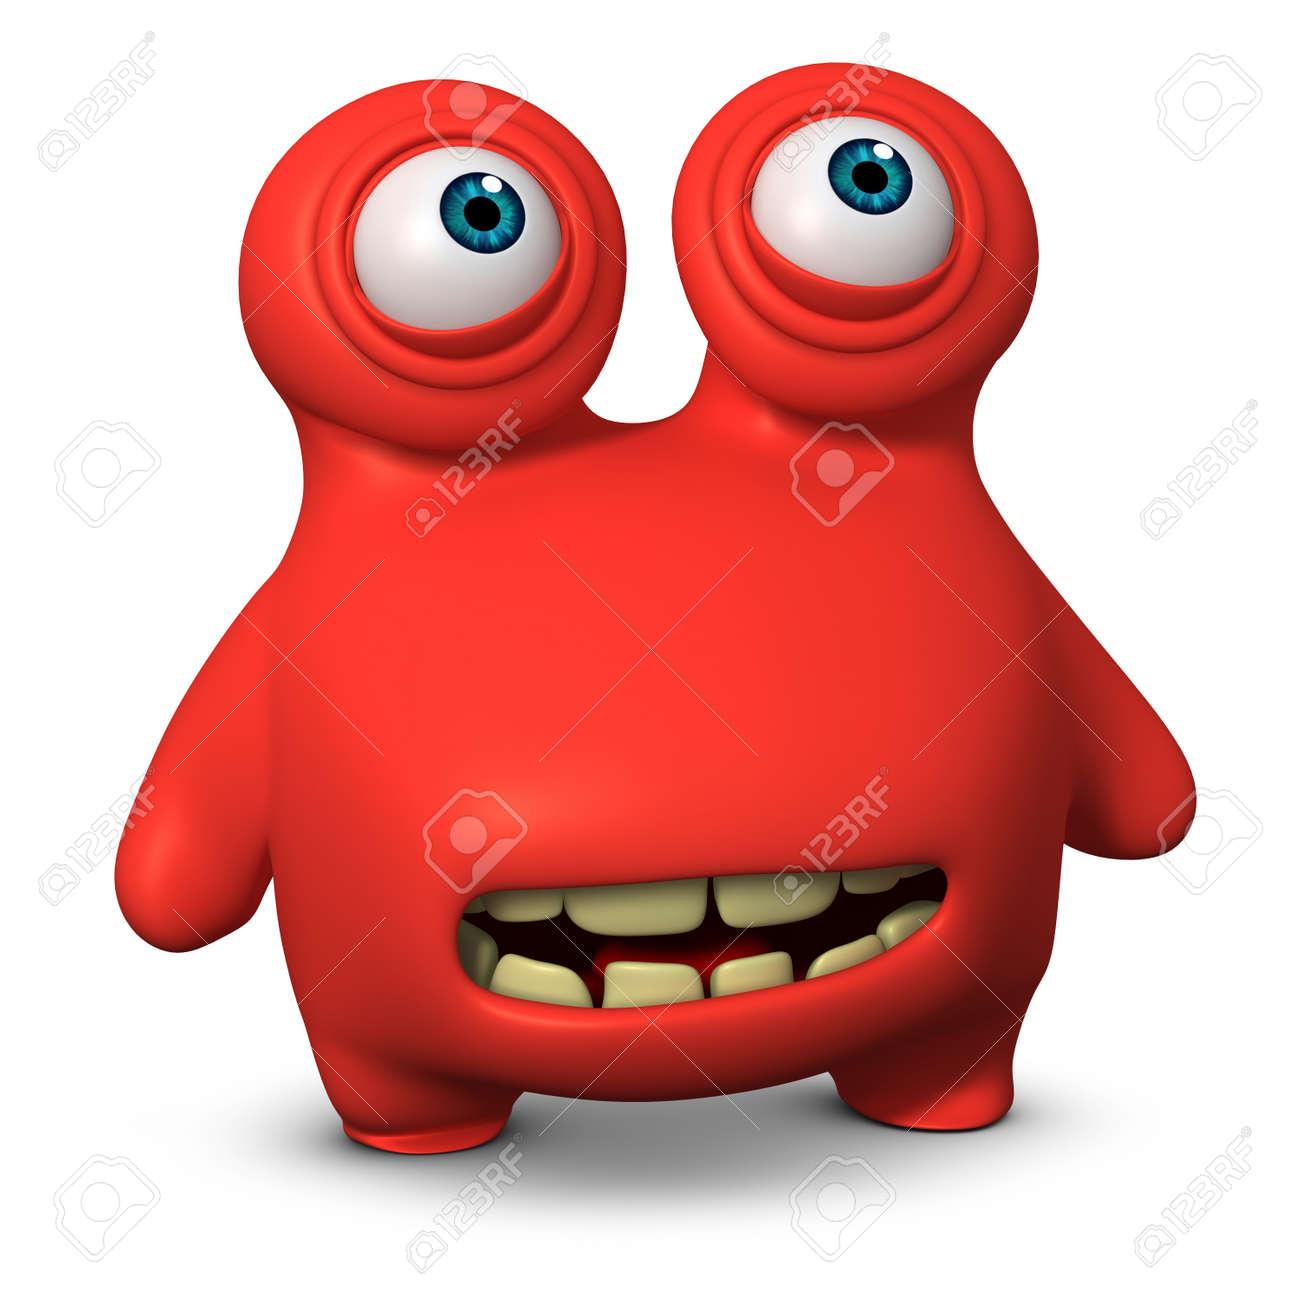 3d cartoon cute monster Stock Photo - 15732012